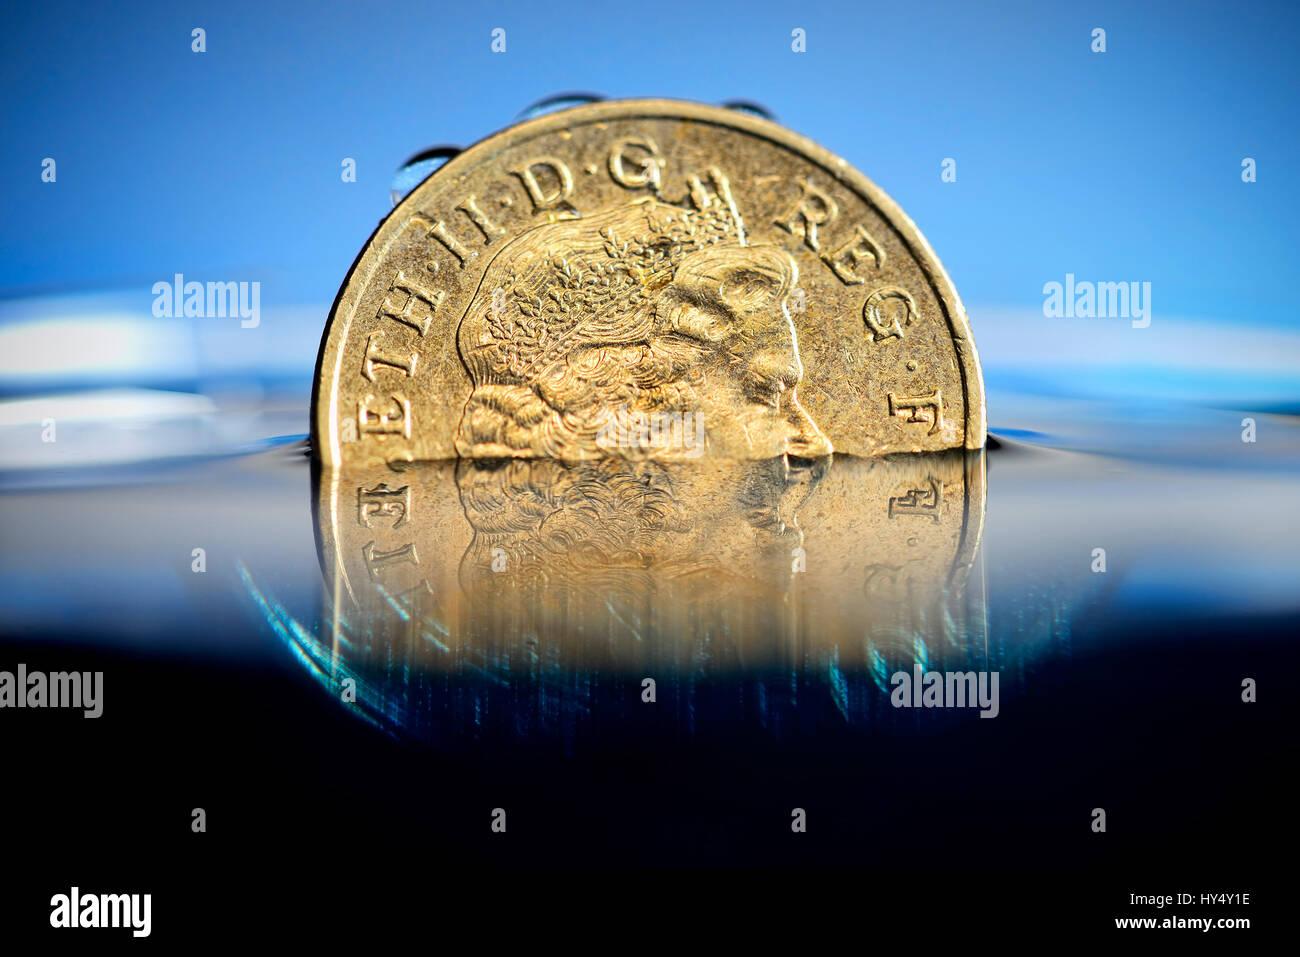 British One Pound Coin In The Water Low Pound Course Britische